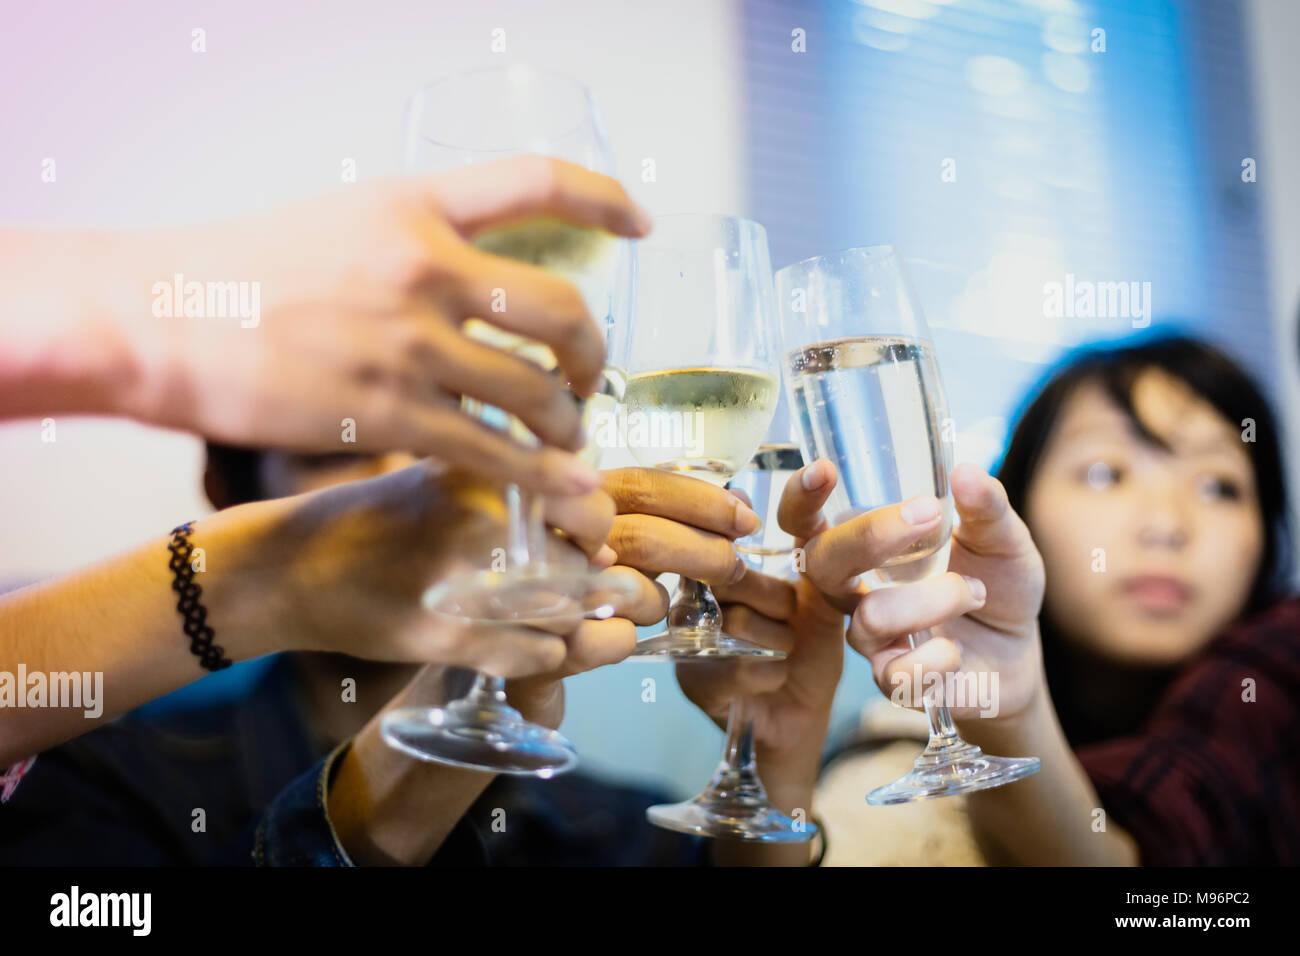 El Grupo Asiático de amigos tener parte con cerveza y bebidas alcohólicas a los jóvenes disfrutando en un bar de cócteles de tostado.soft focus Imagen De Stock